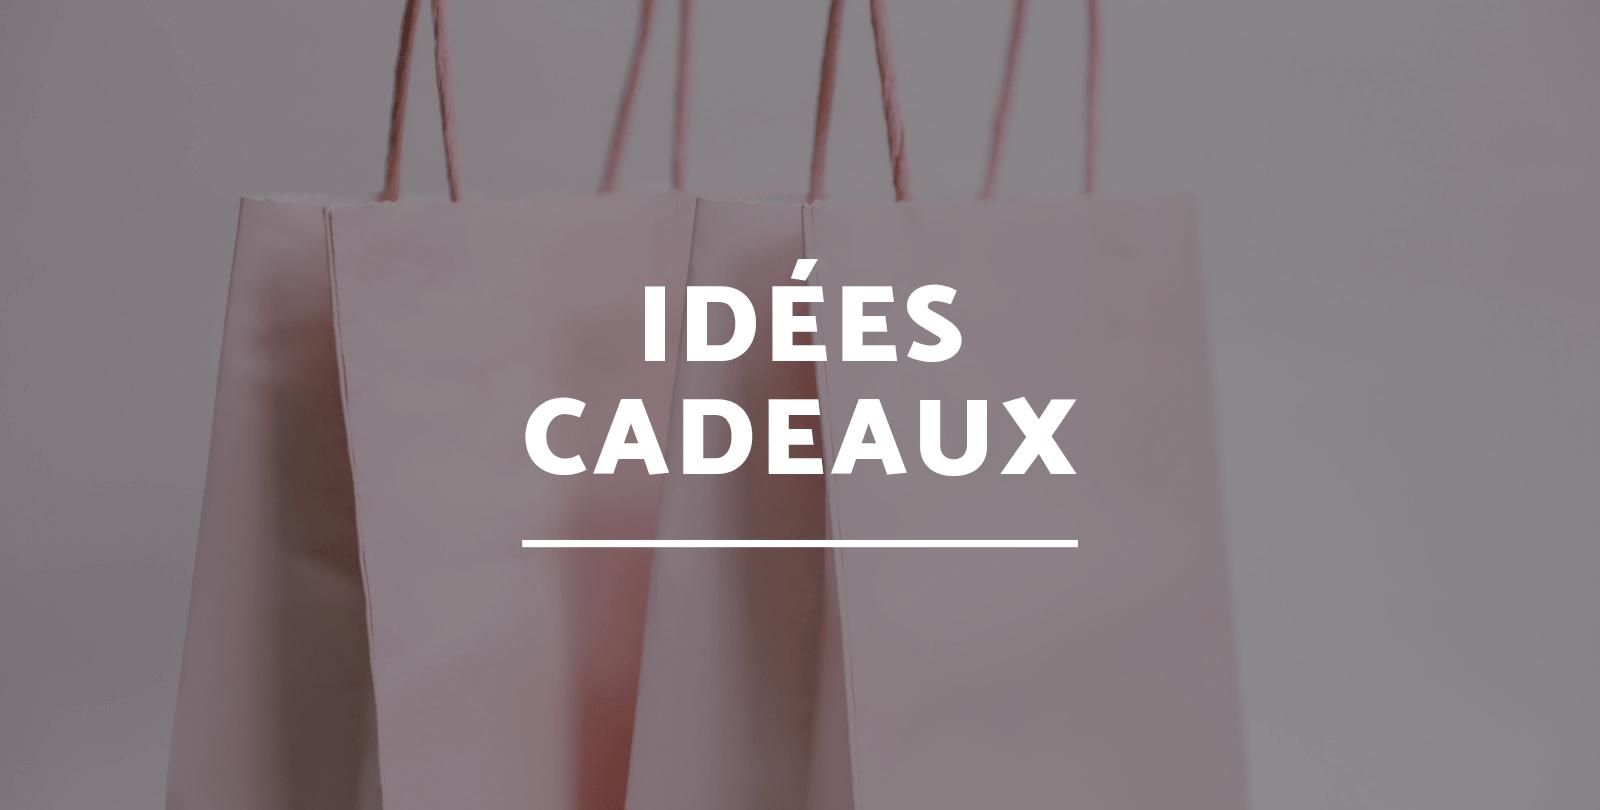 Idées cadeau